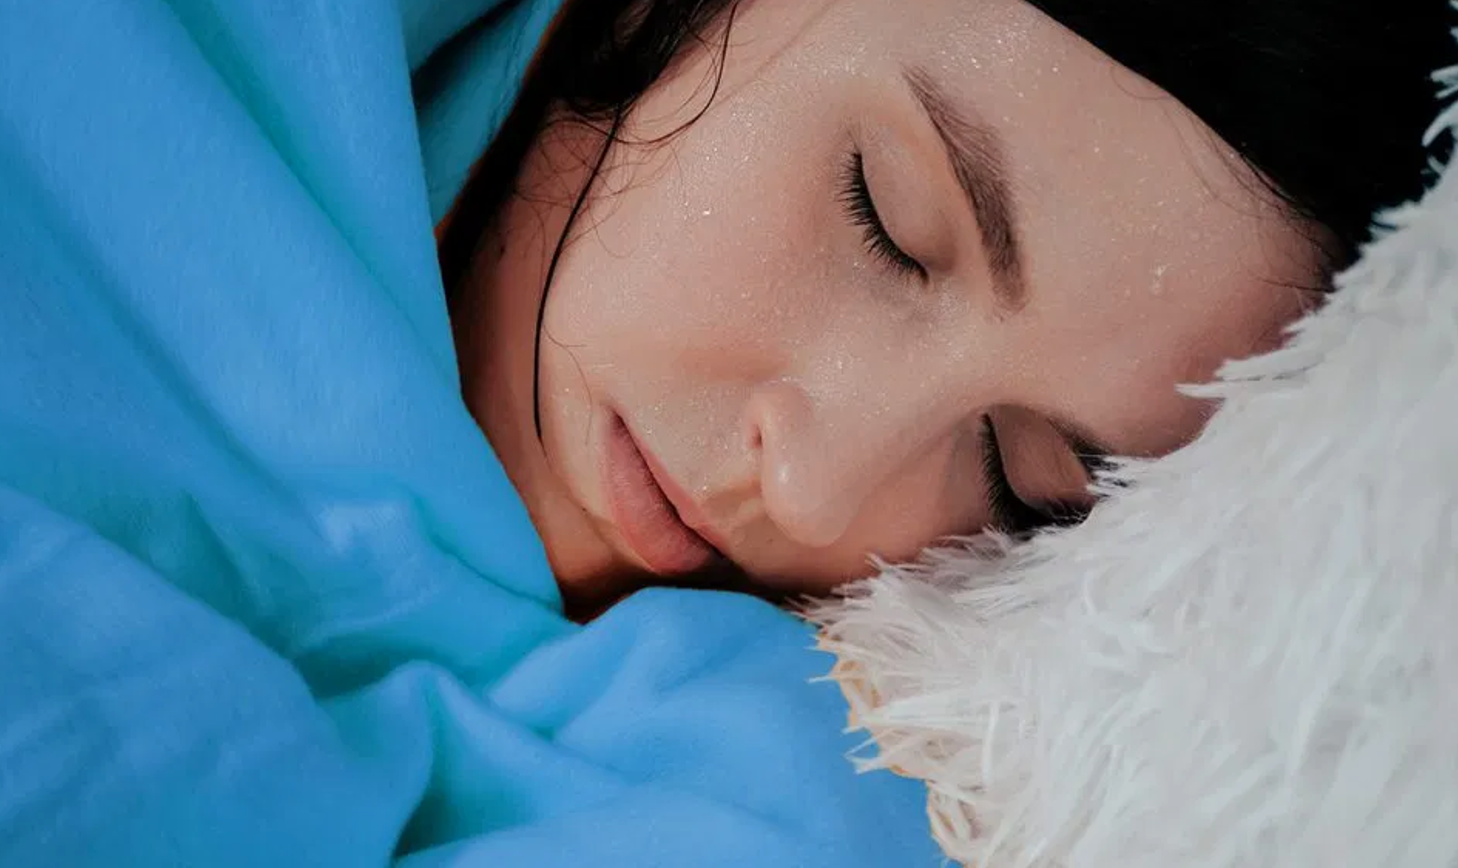 Woman sleeping on a Mattress